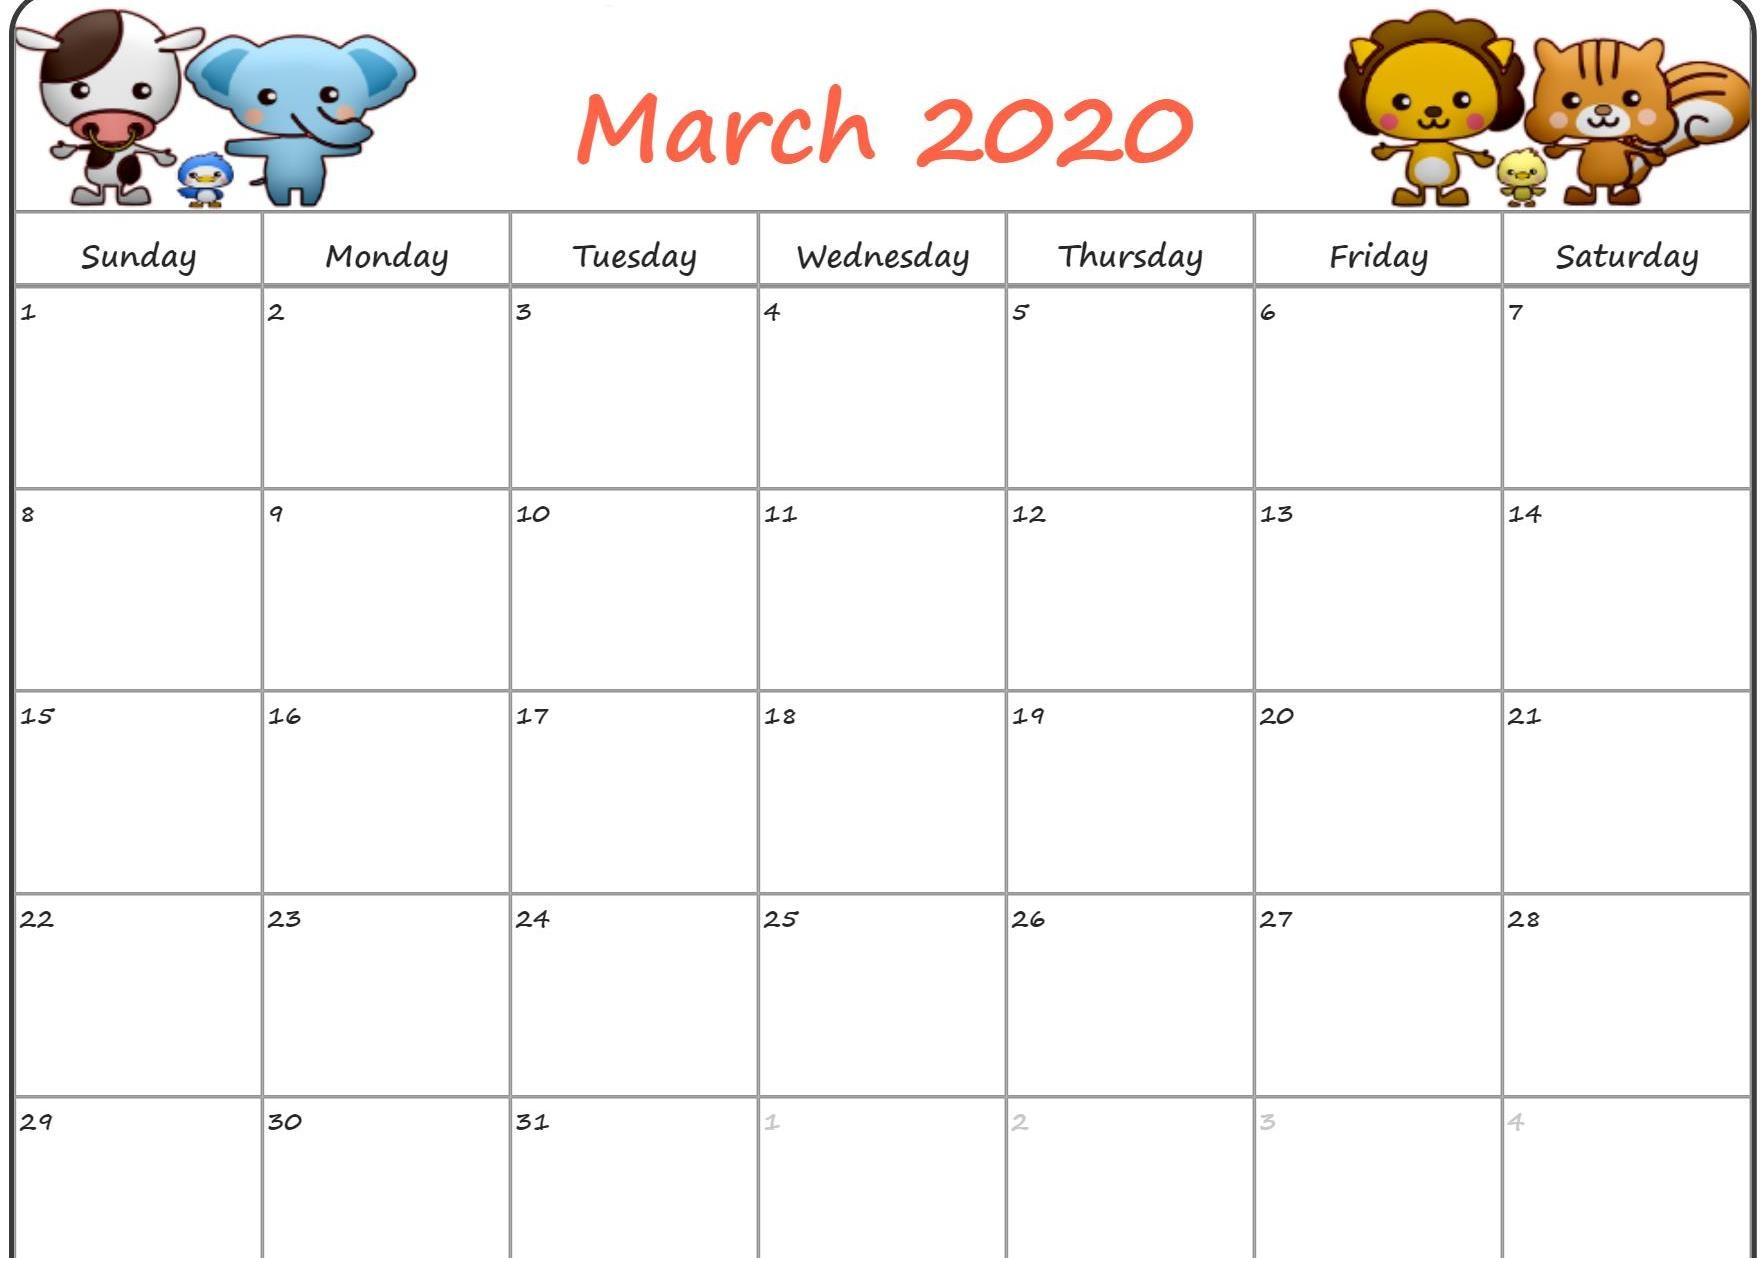 Blank 2020 March Calendar